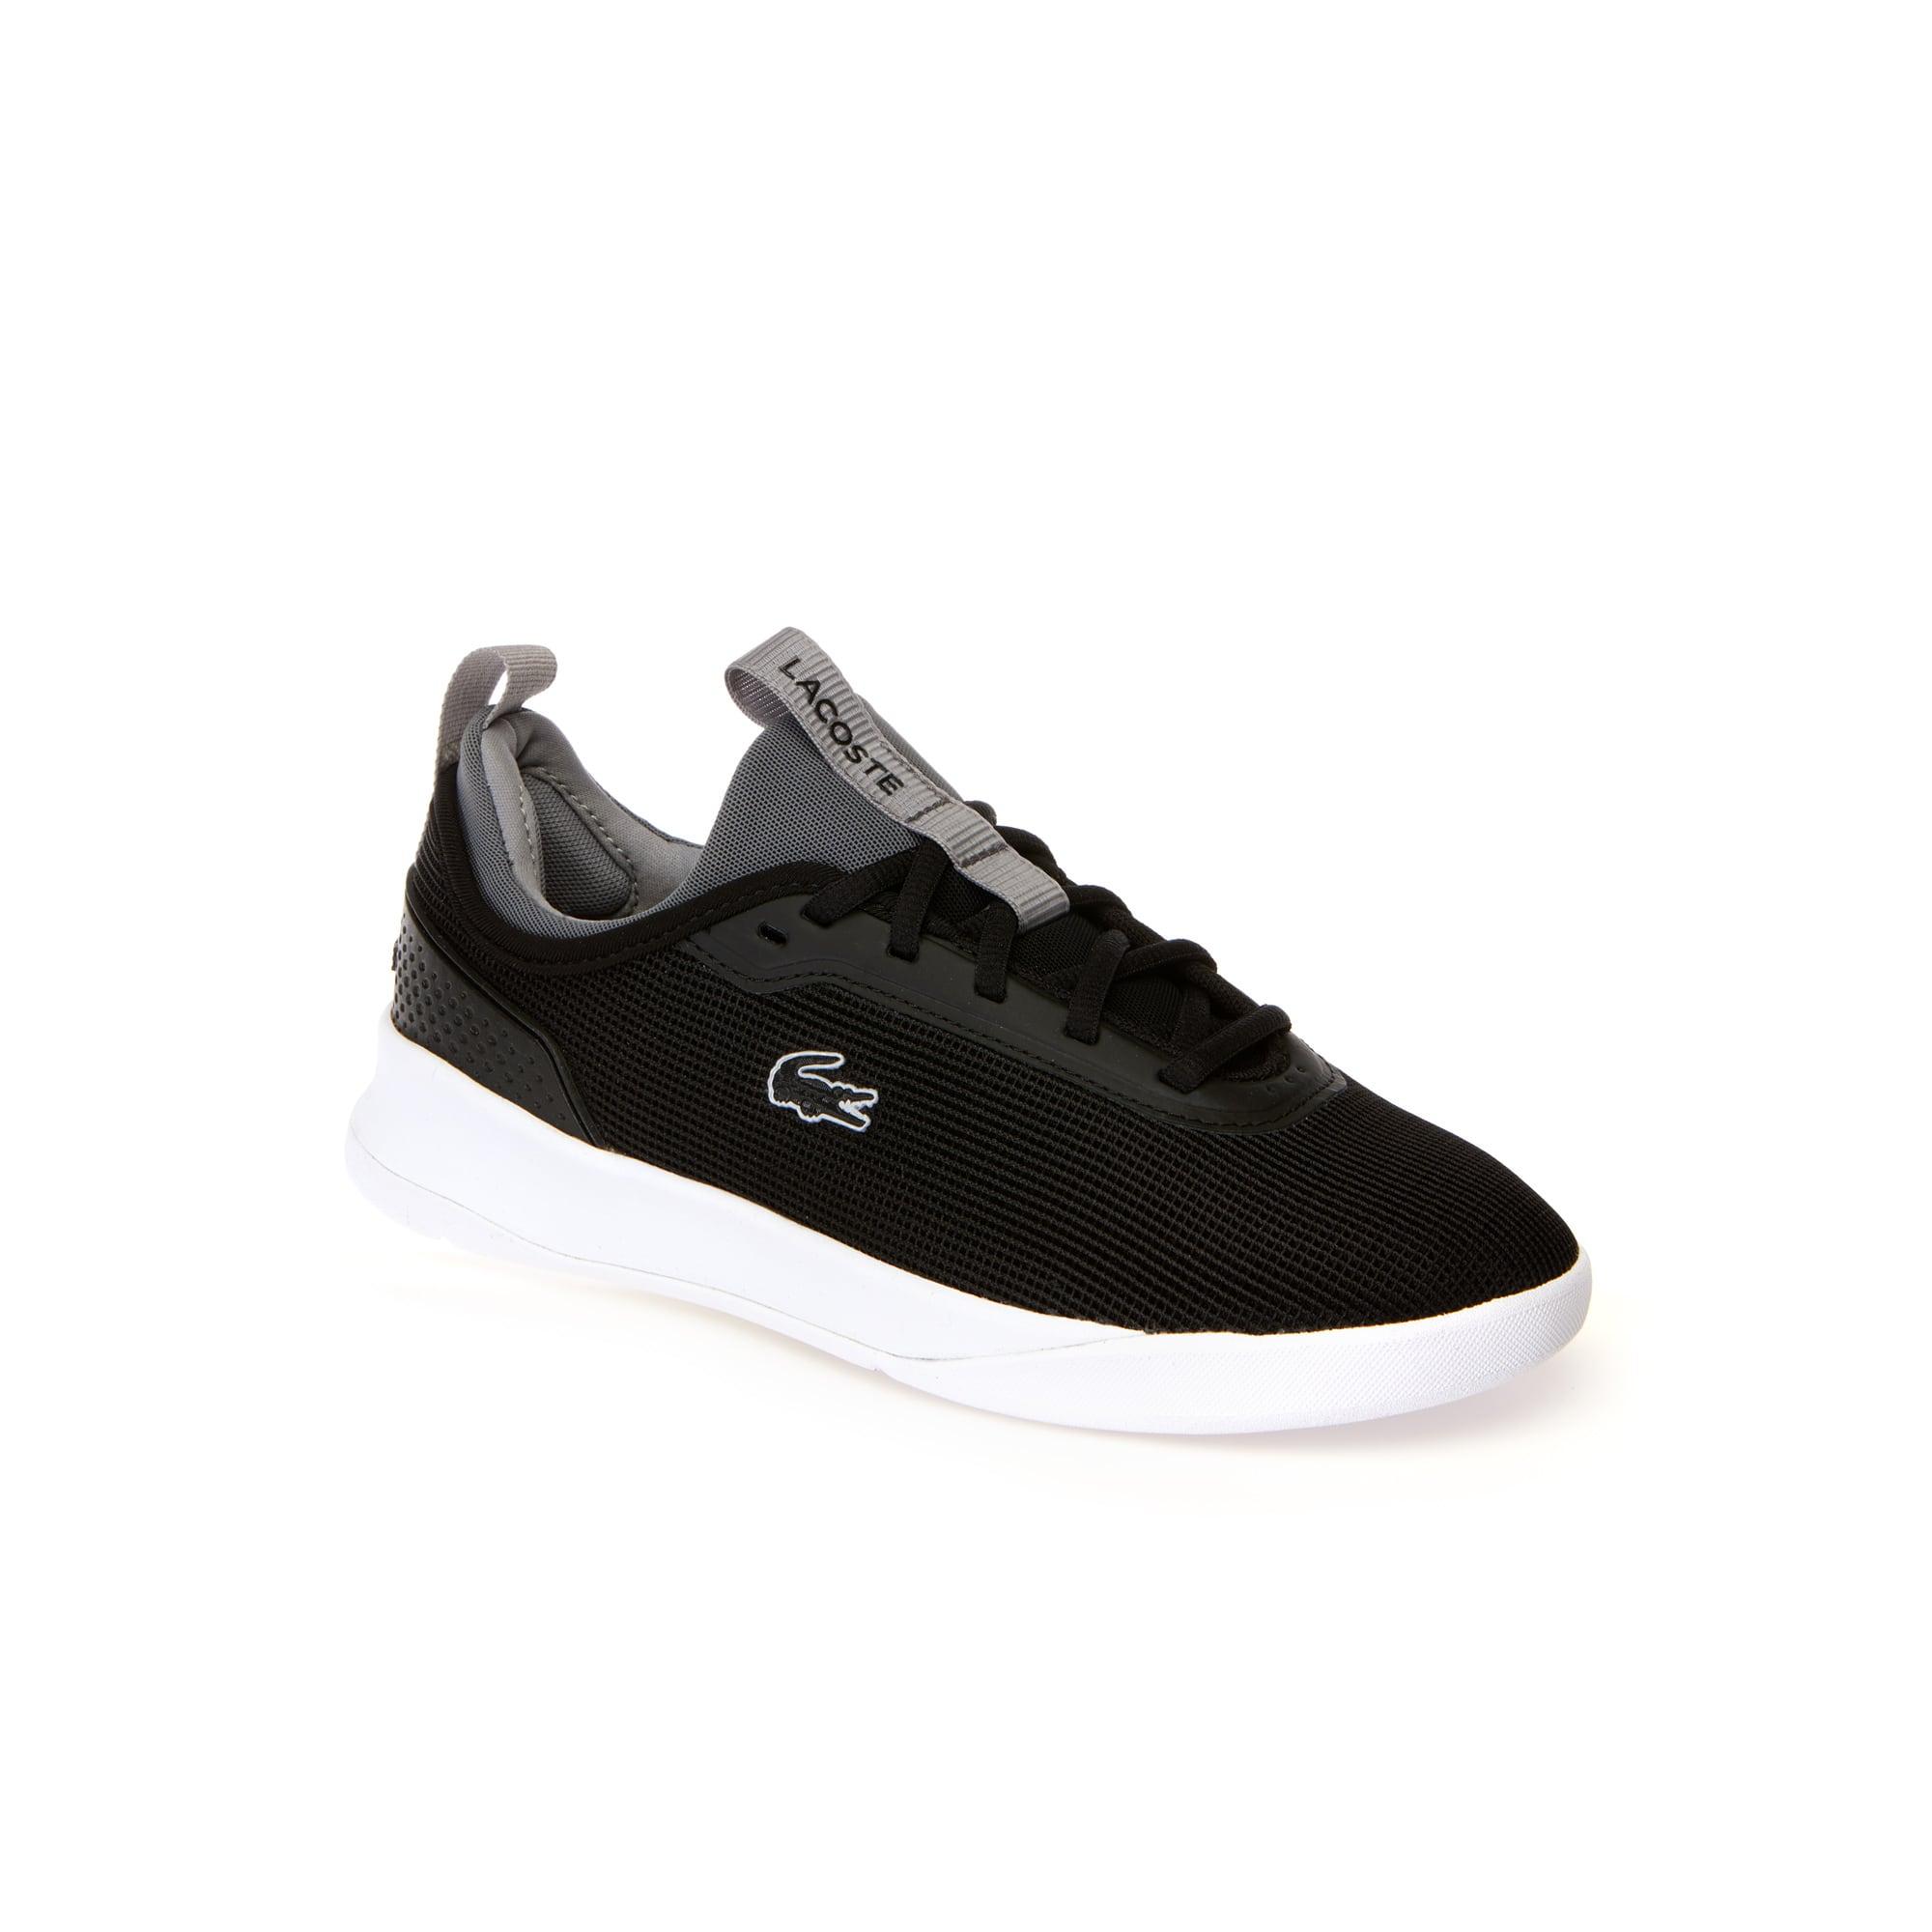 Sport Mujer Qn0gu0waxe Para Calzado Lacoste Colección Zapatos De lFK1Jc